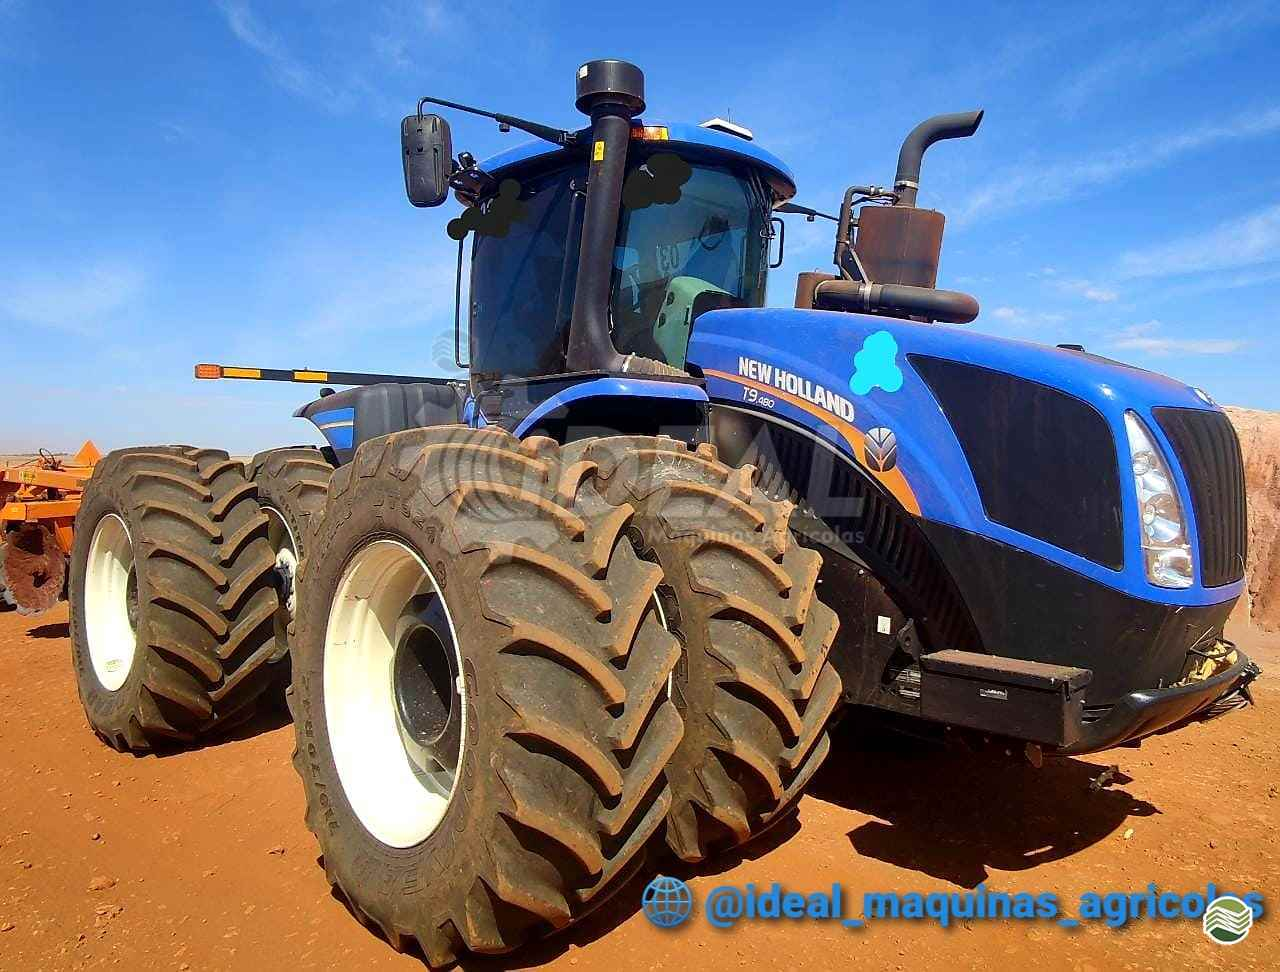 TRATOR NEW HOLLAND NEW T9 480 Tração 4x4 Ideal Máquinas Agrícolas SAO GONCALO DO SAPUCAI MINAS GERAIS MG